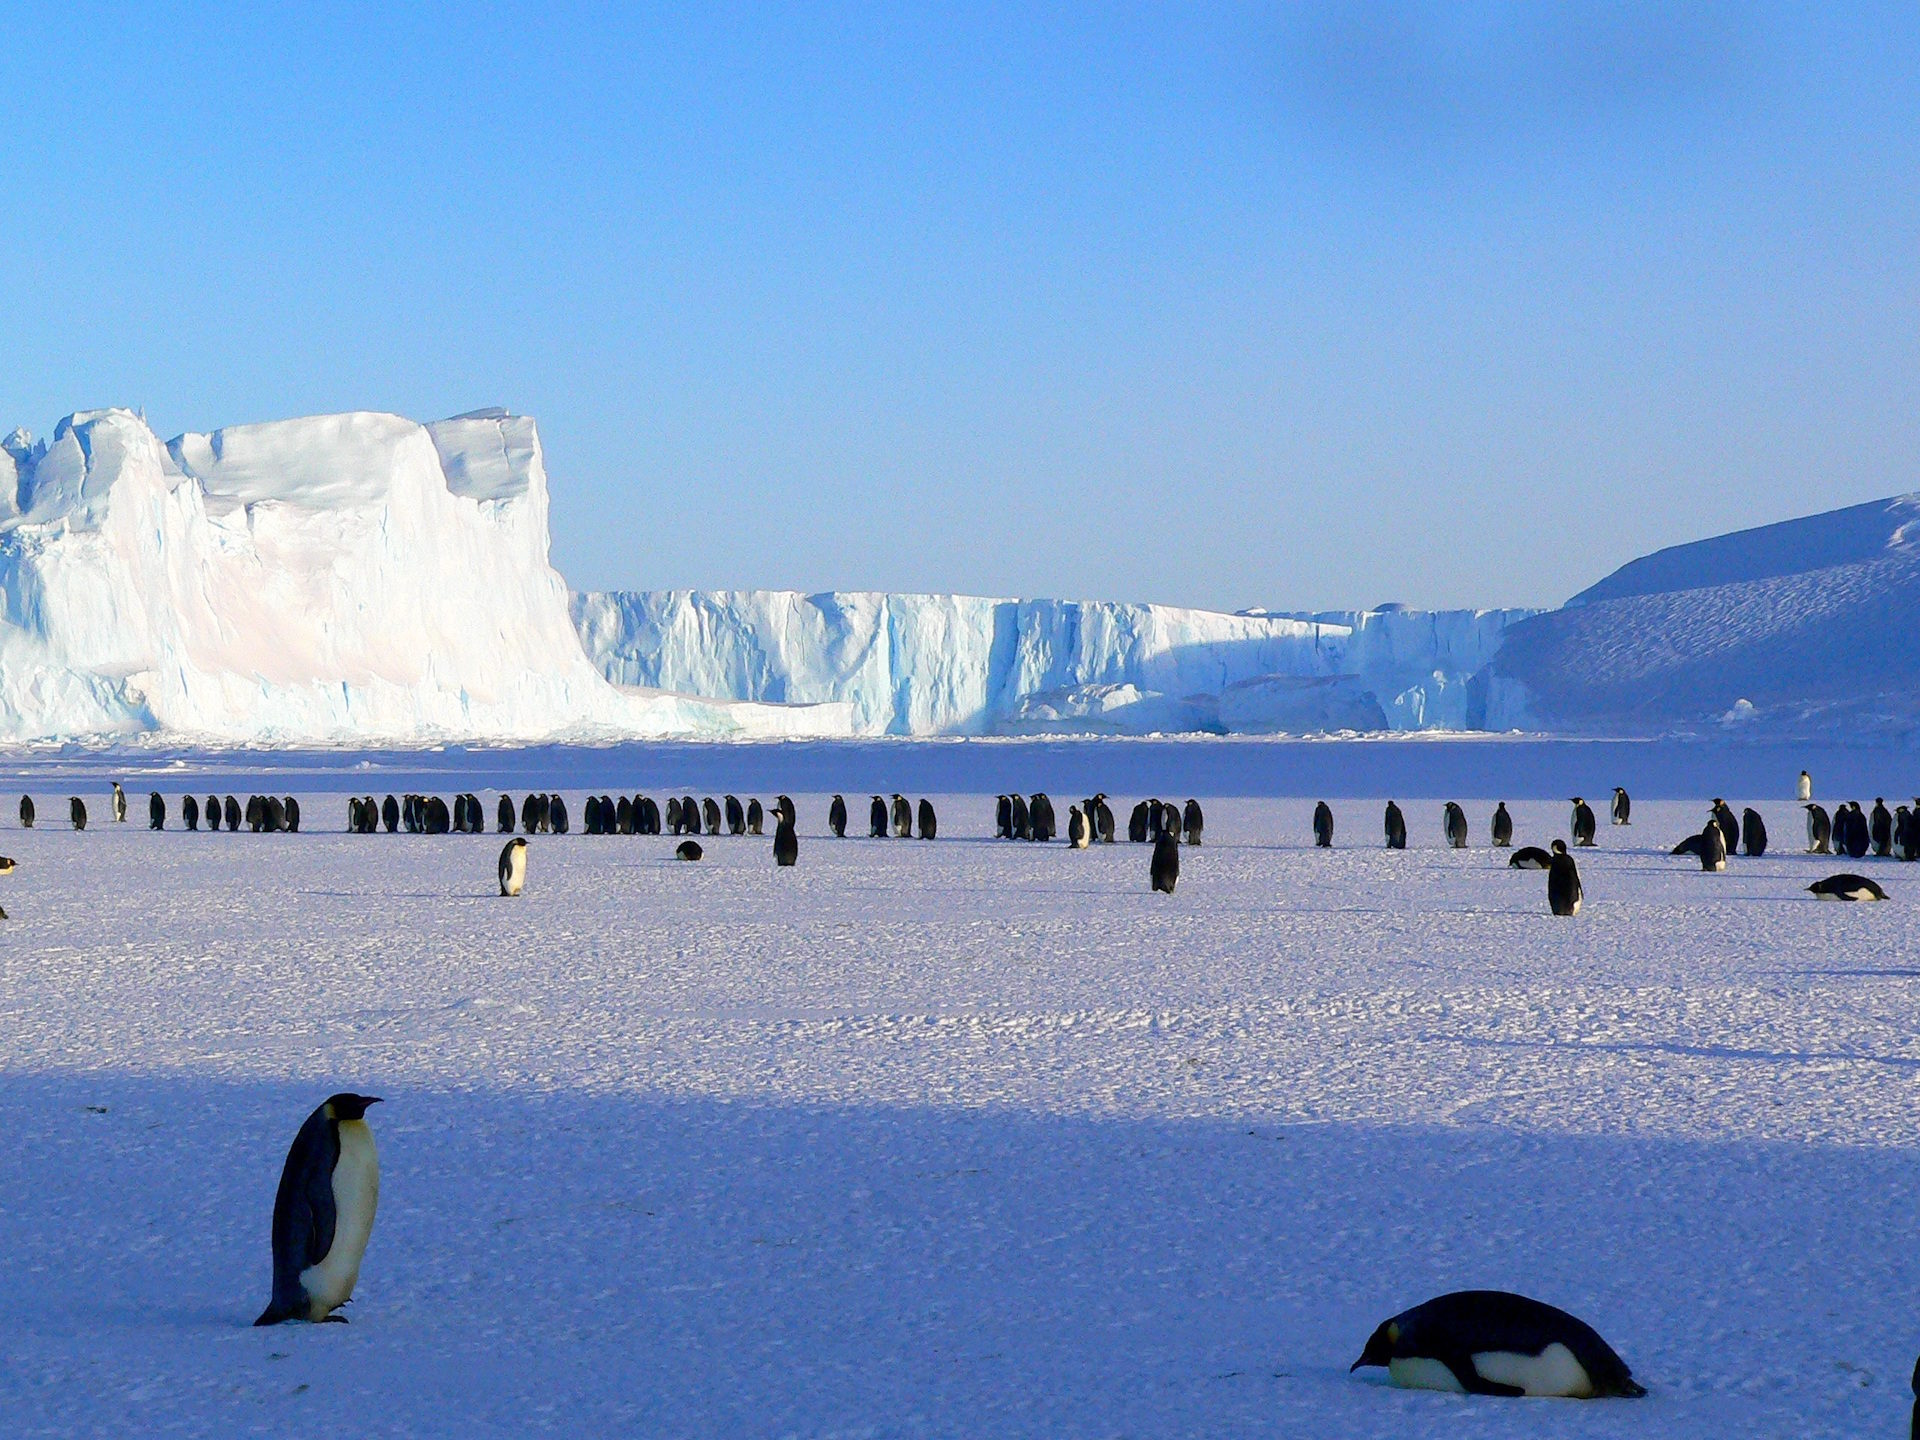 pinguinos, 皇帝, antartida, 冰, polar - 高清壁纸 - 教授-falken.com